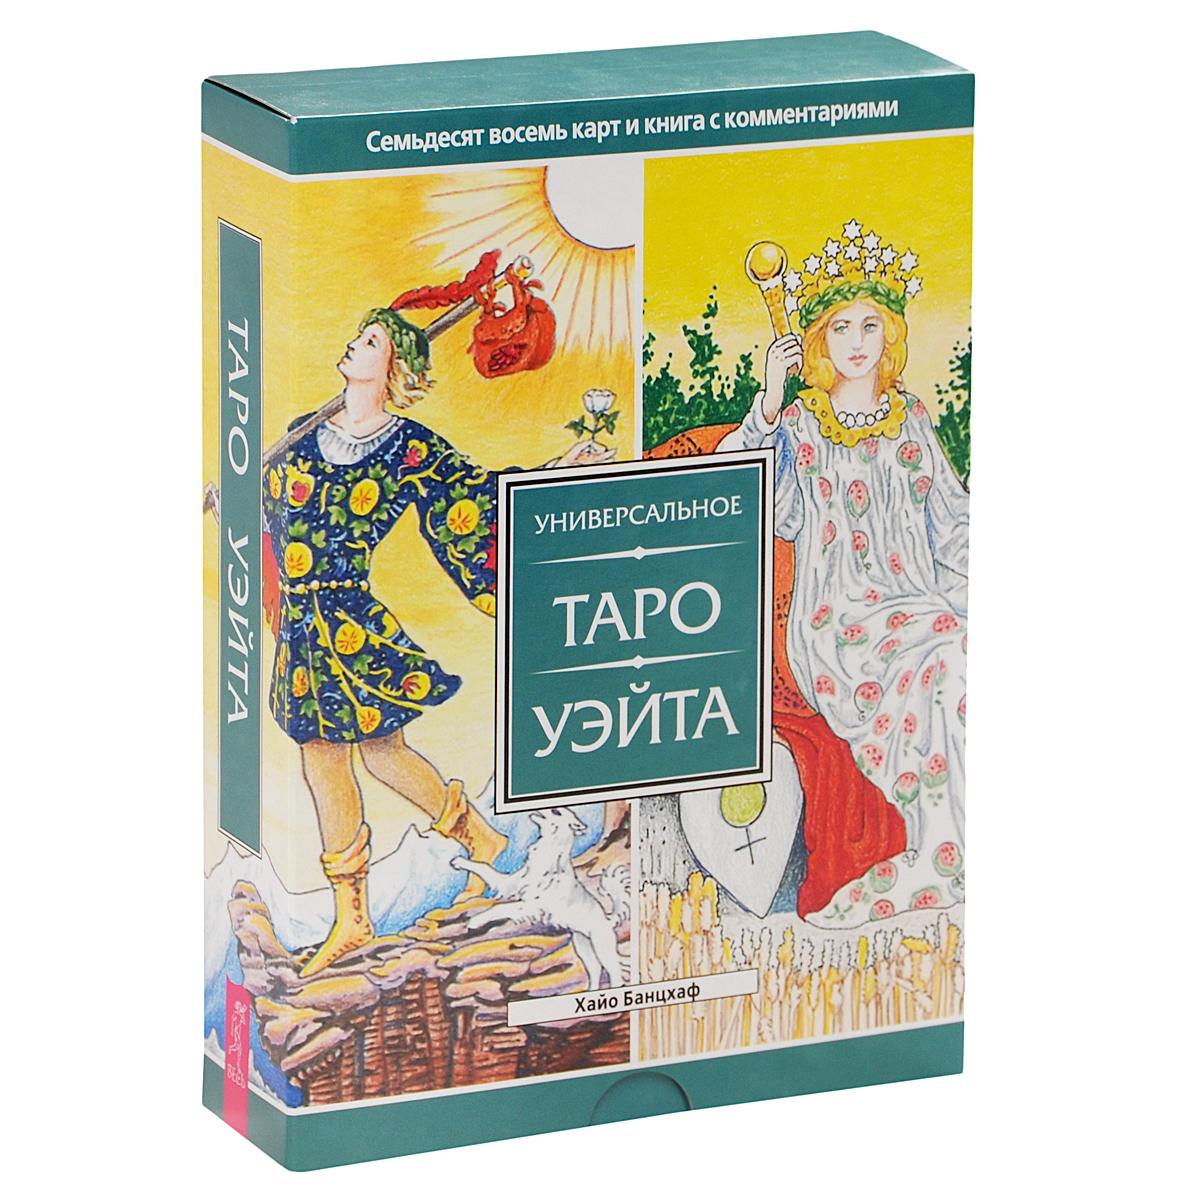 Таро Тота. Универсальное Таро Уэйта (комплект из 2 книг + карты)